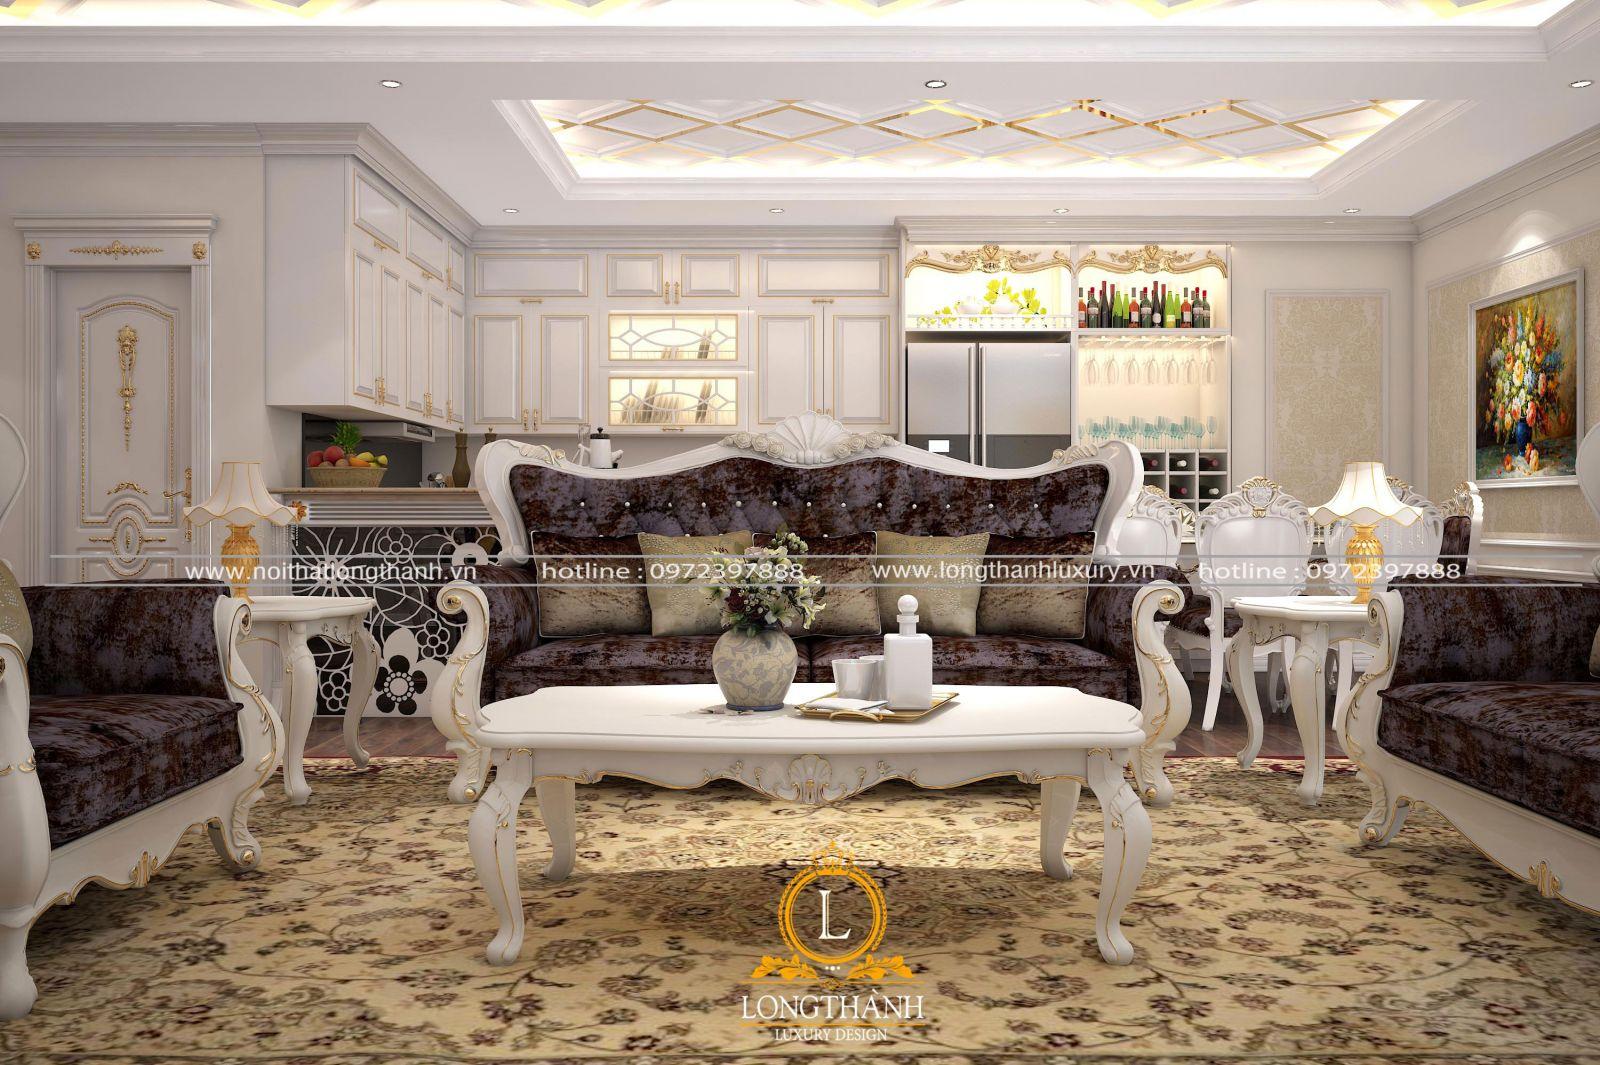 Bộ sofa gỗ tự nhiên sơn trắng mạ vàng đẳng cấp